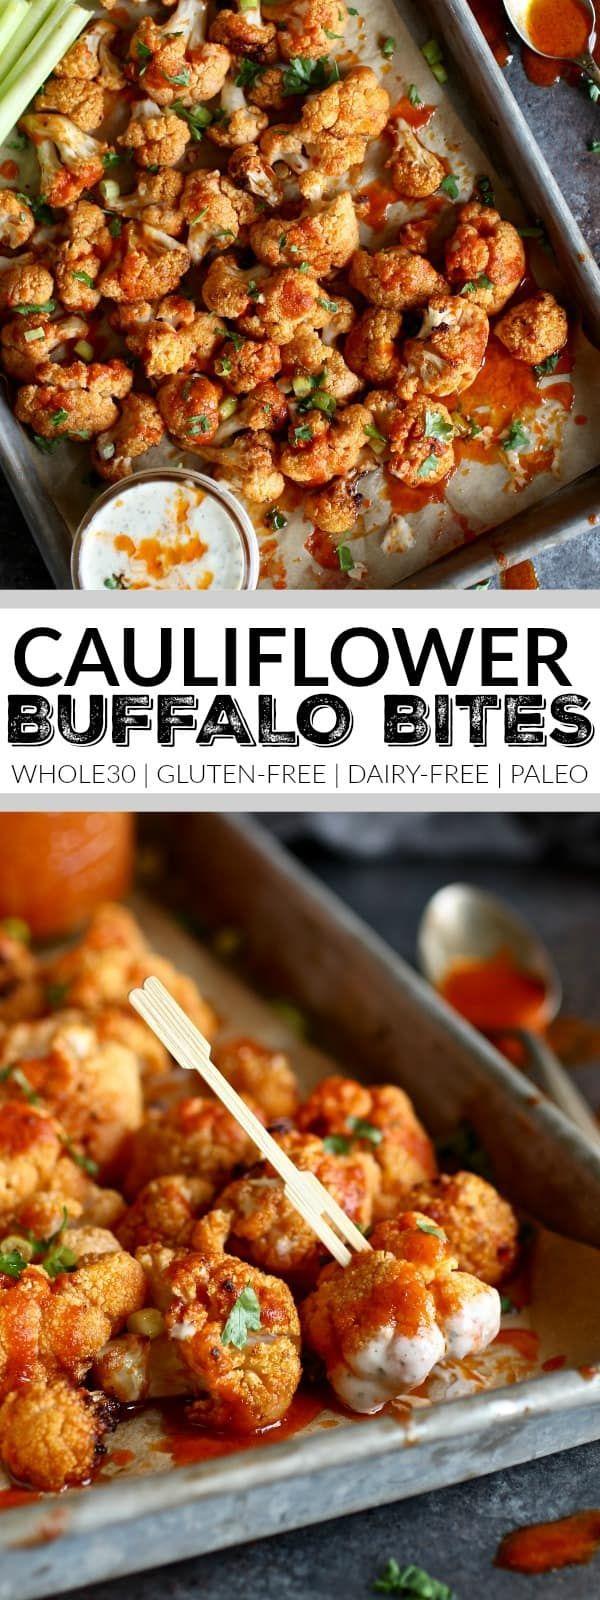 Cauliflower Buffalo Bites (Whole30) images